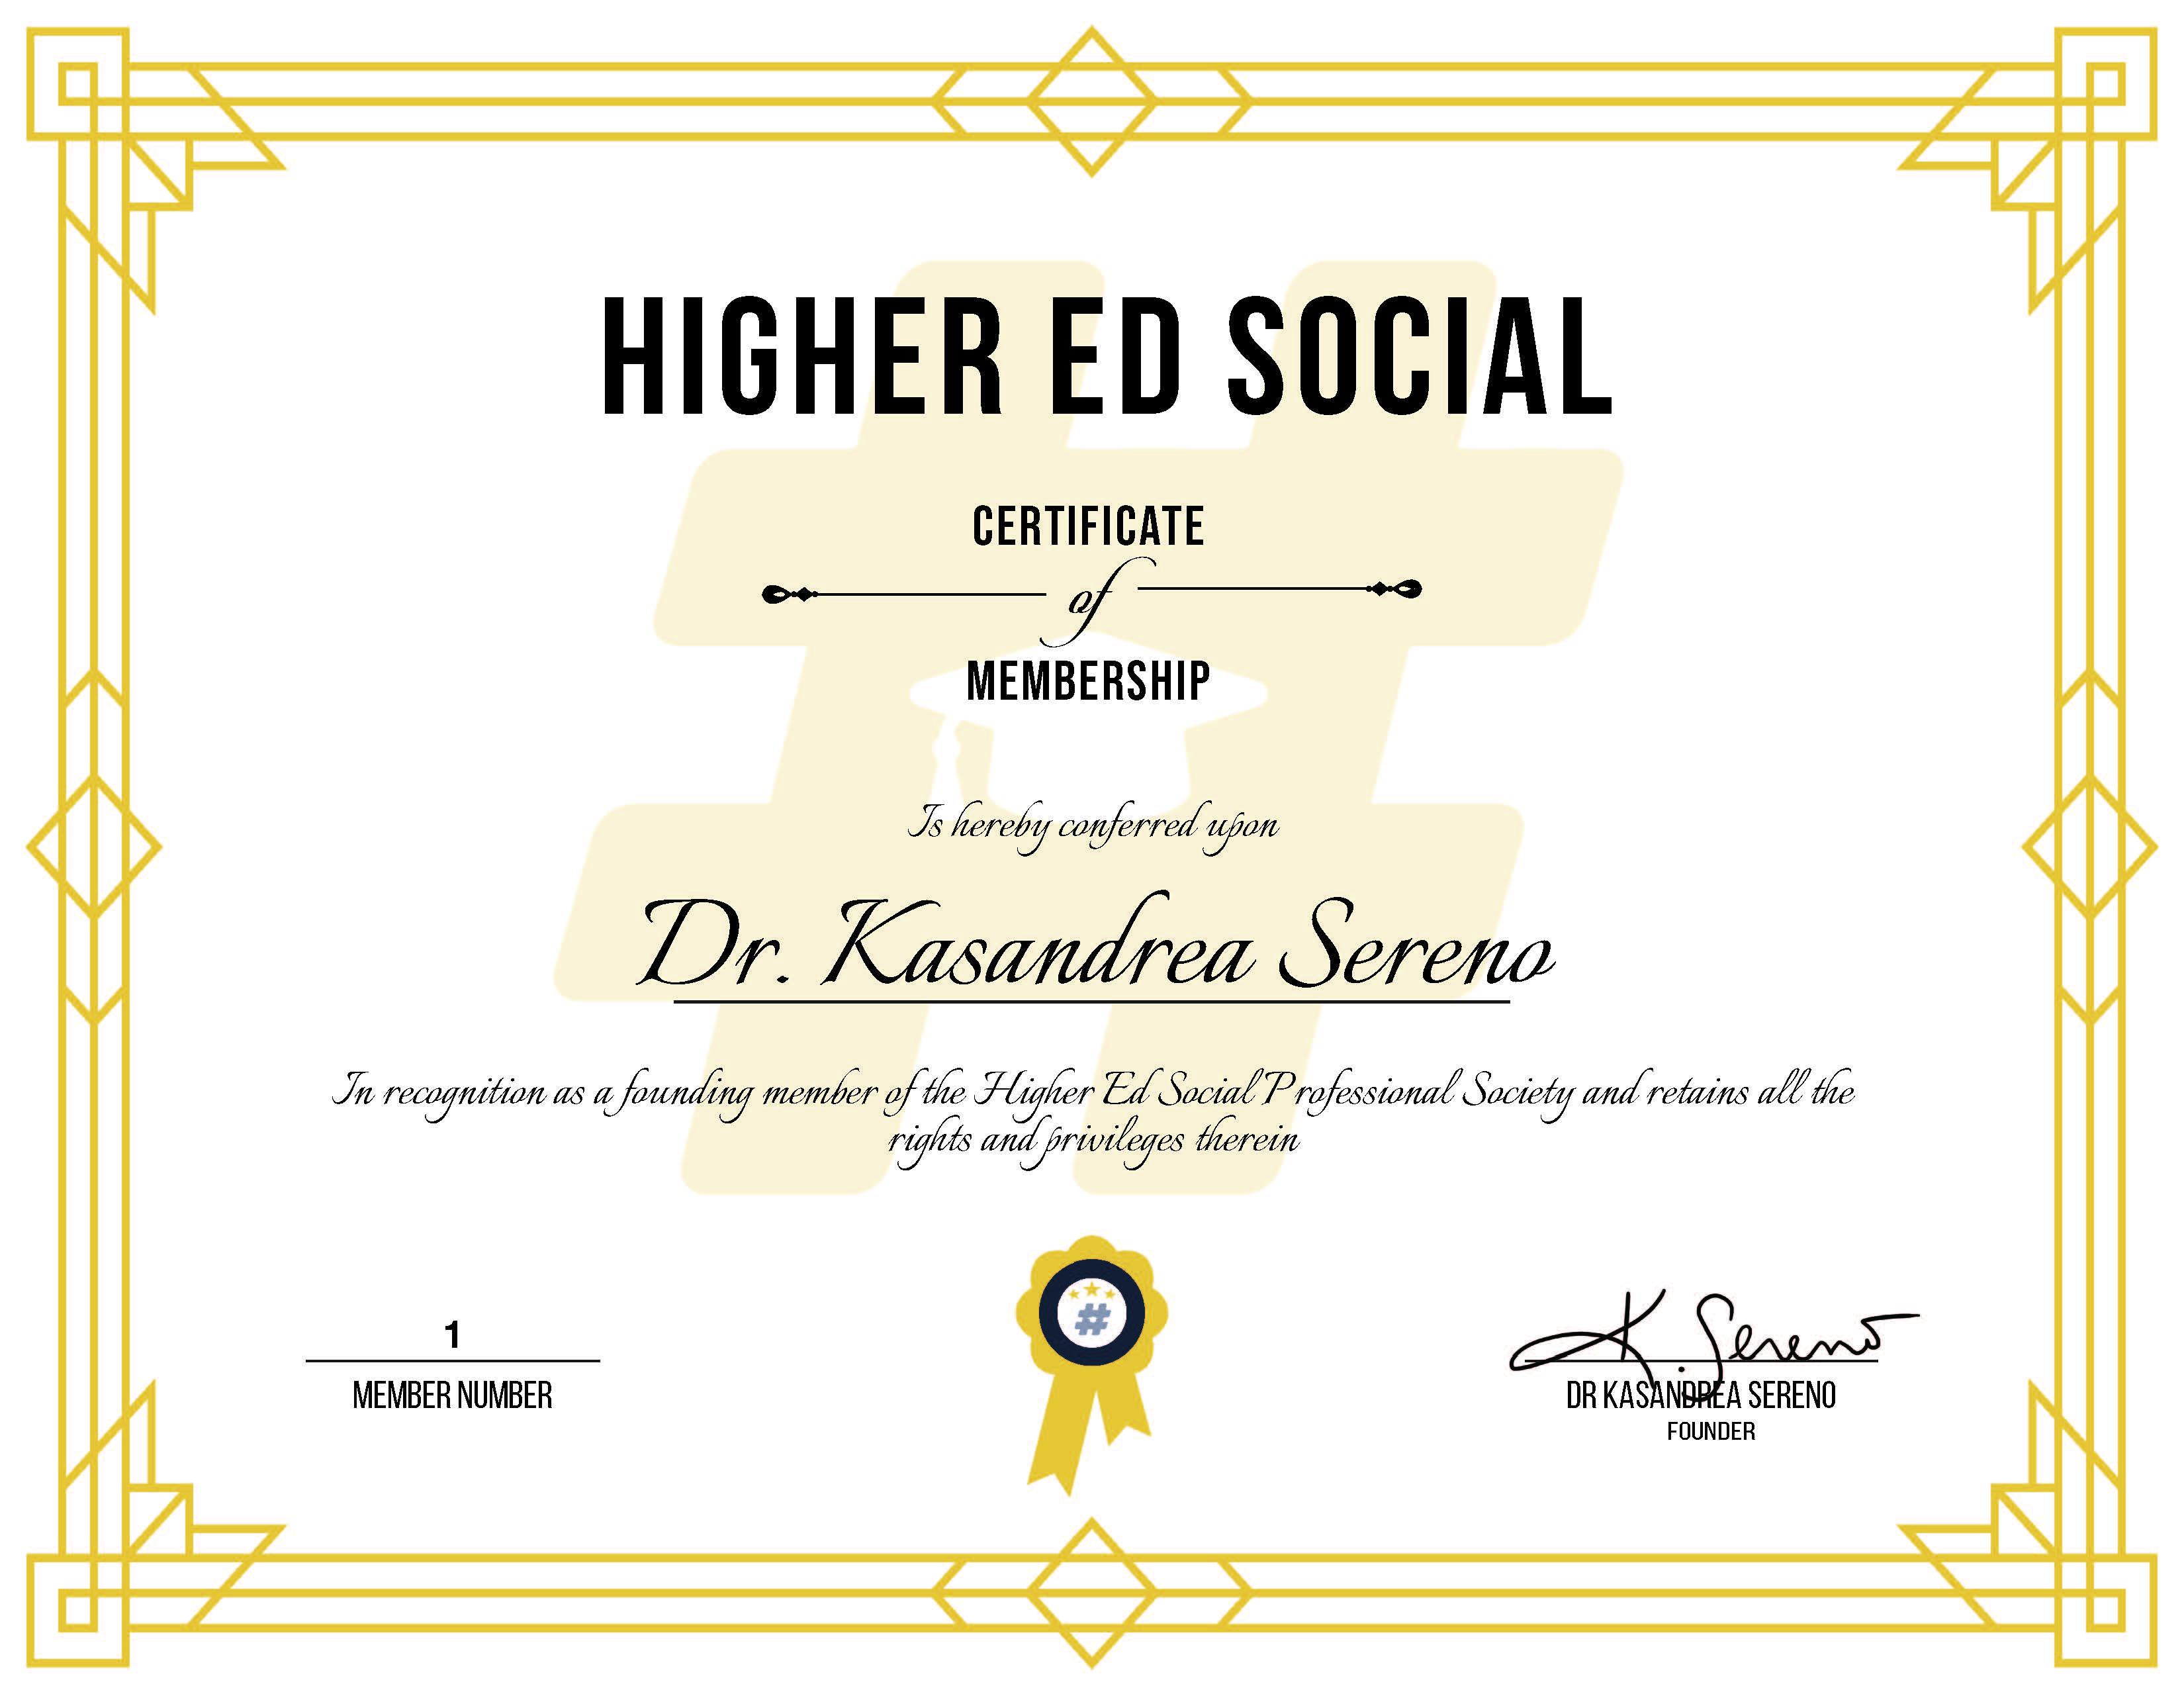 Replacement Membership Certificate